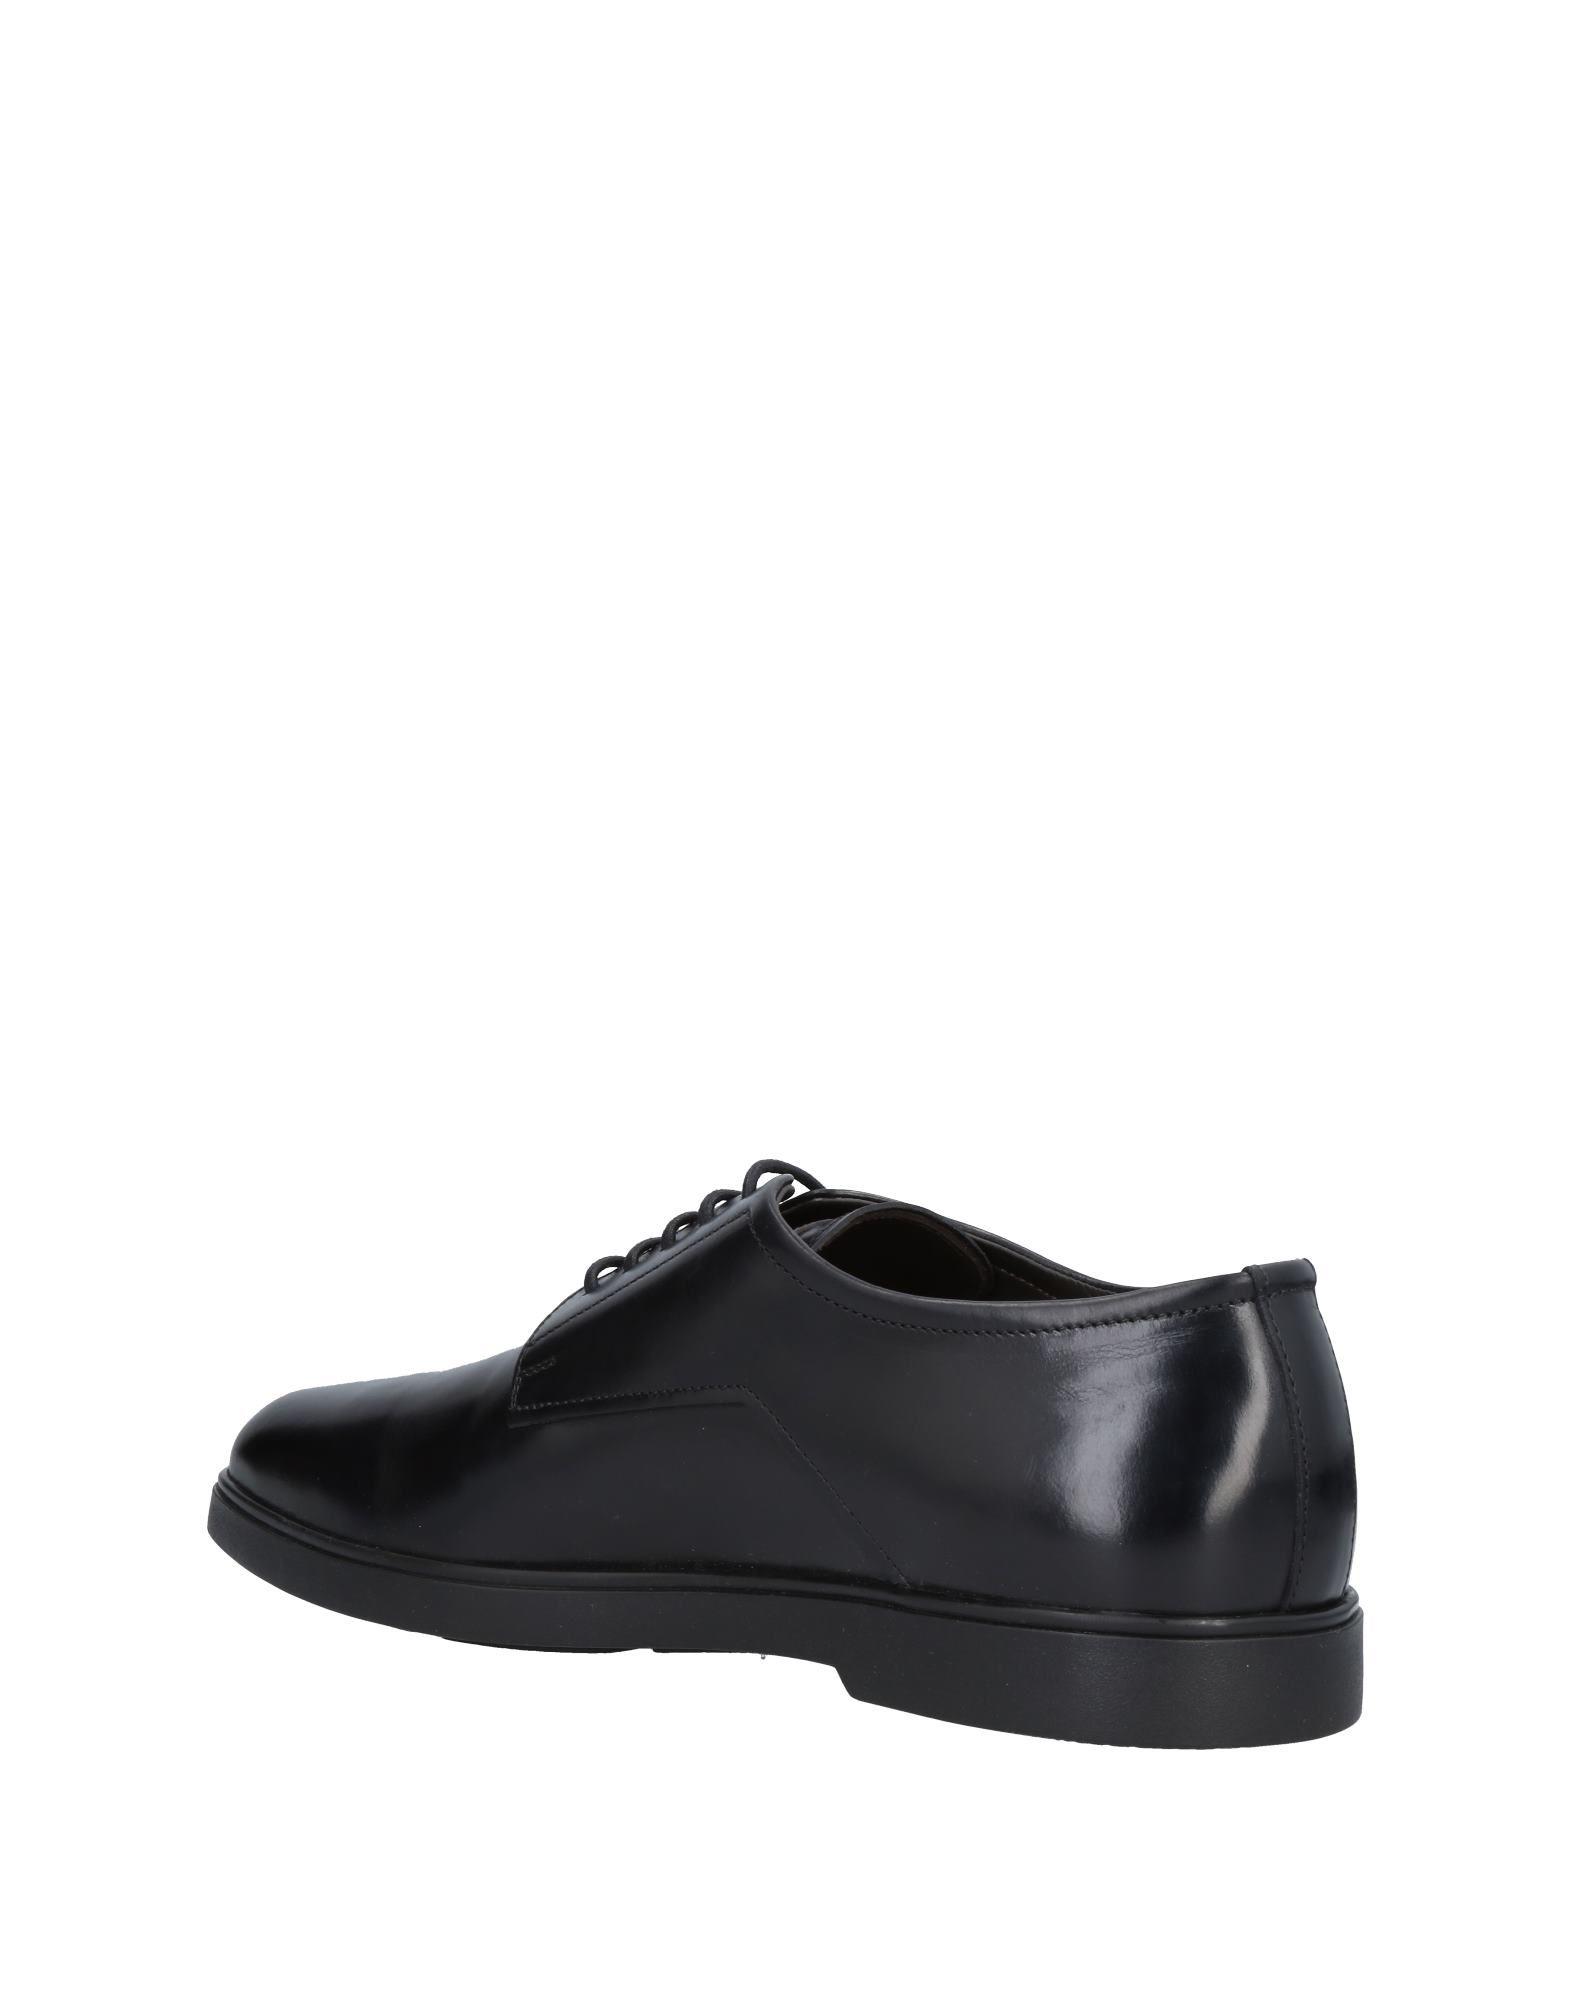 Santoni Schnürschuhe Herren  11478601RW Gute Qualität beliebte Schuhe